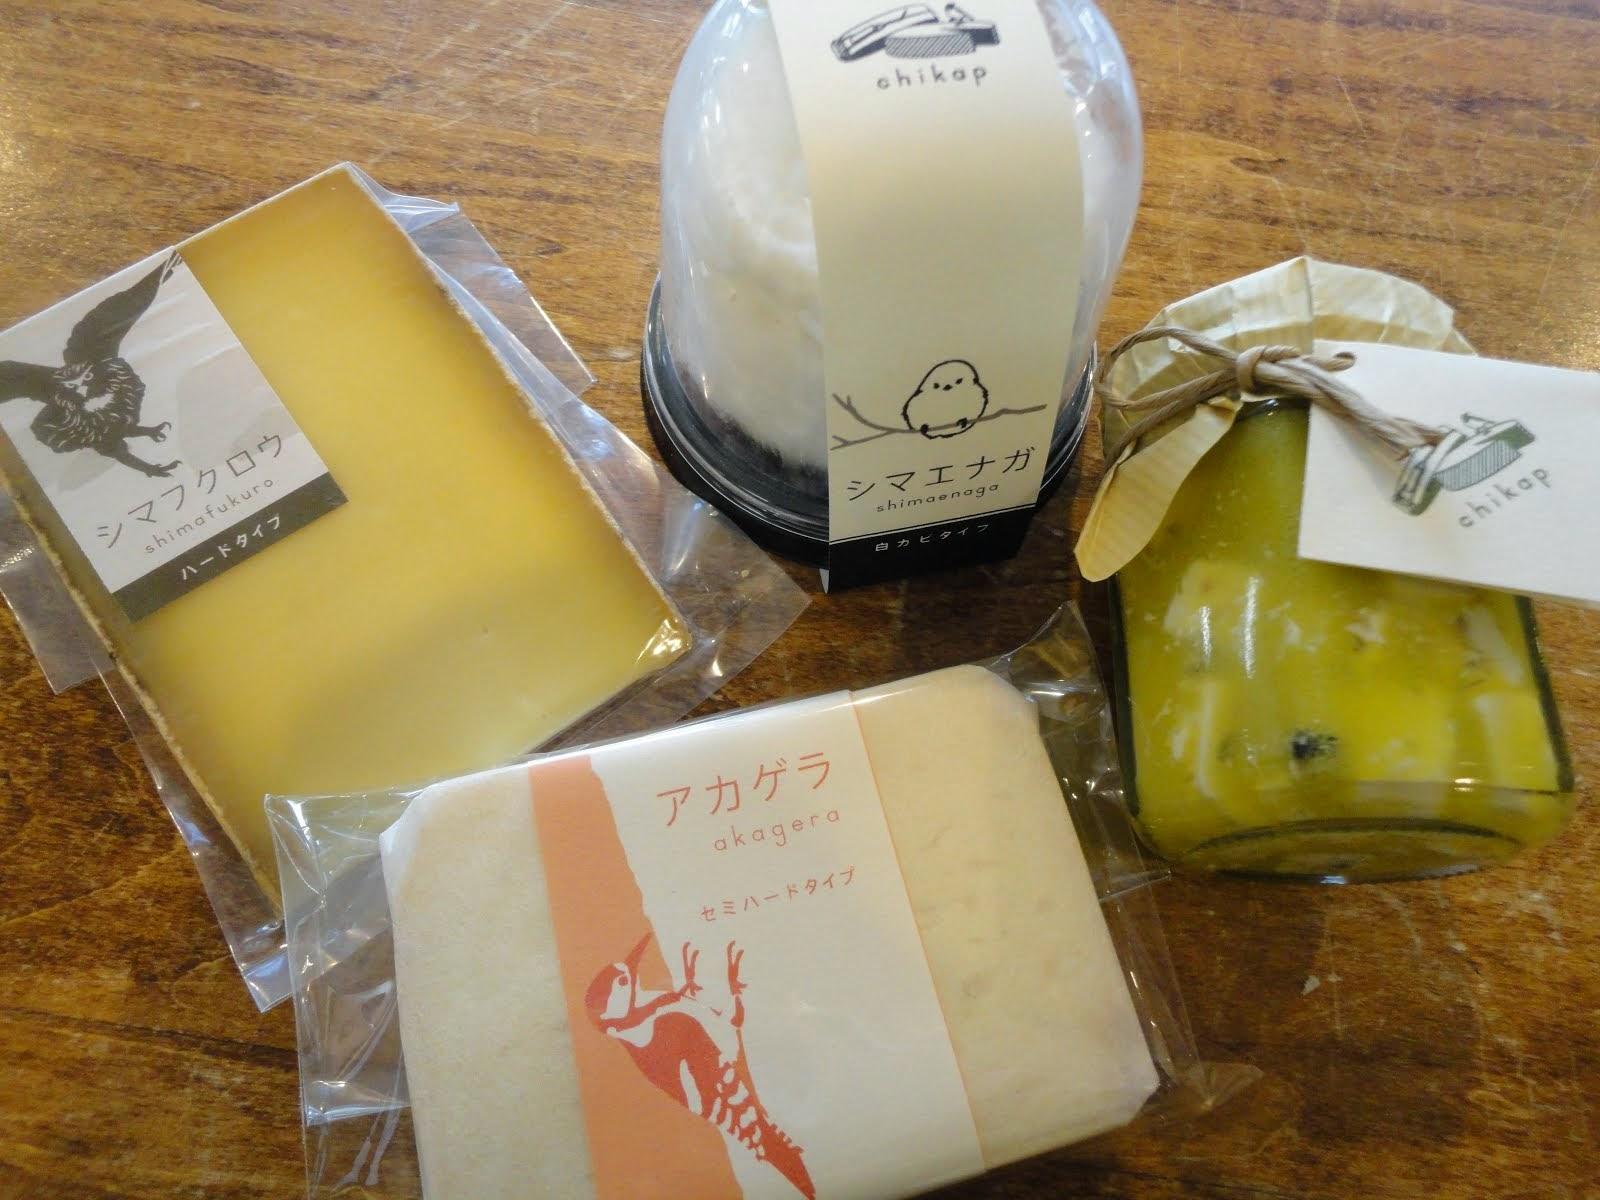 おすすめチーズ工房 ※ 画像をクリックするとチーズ工房チカプのHPに移動します。